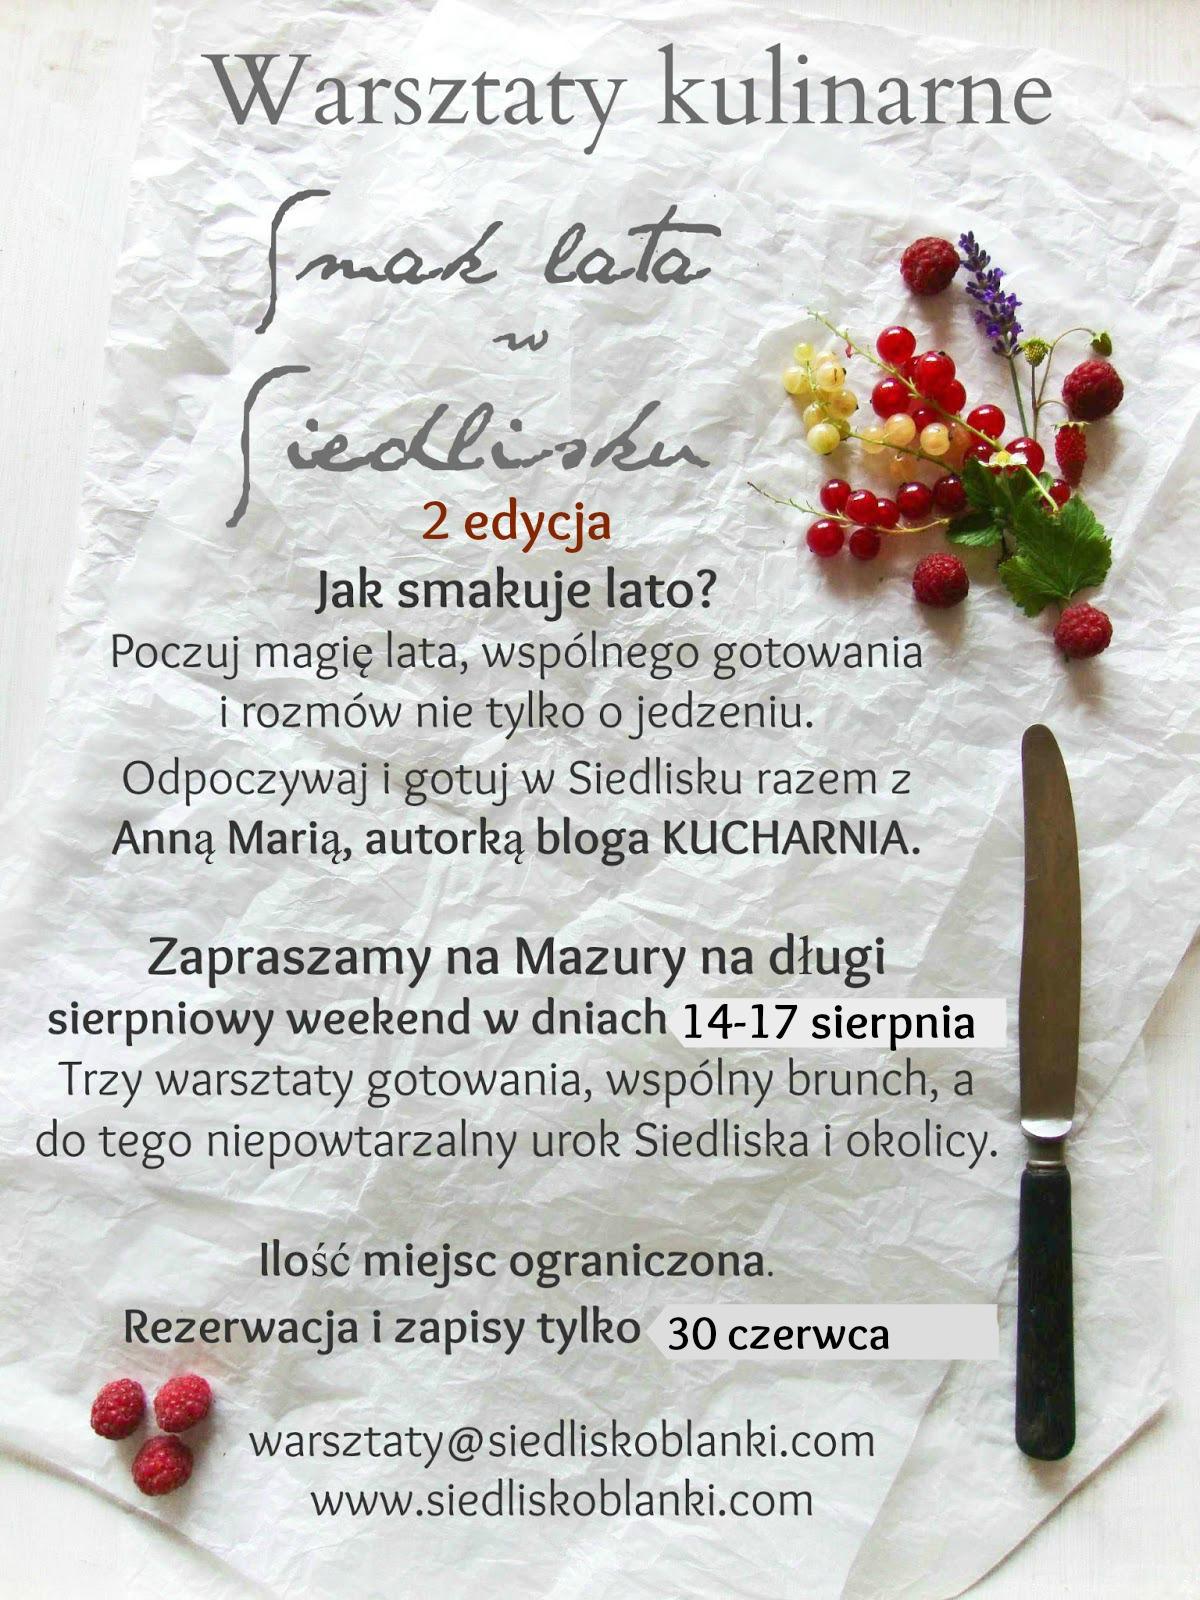 Warsztaty kulinarne SMAK LATA